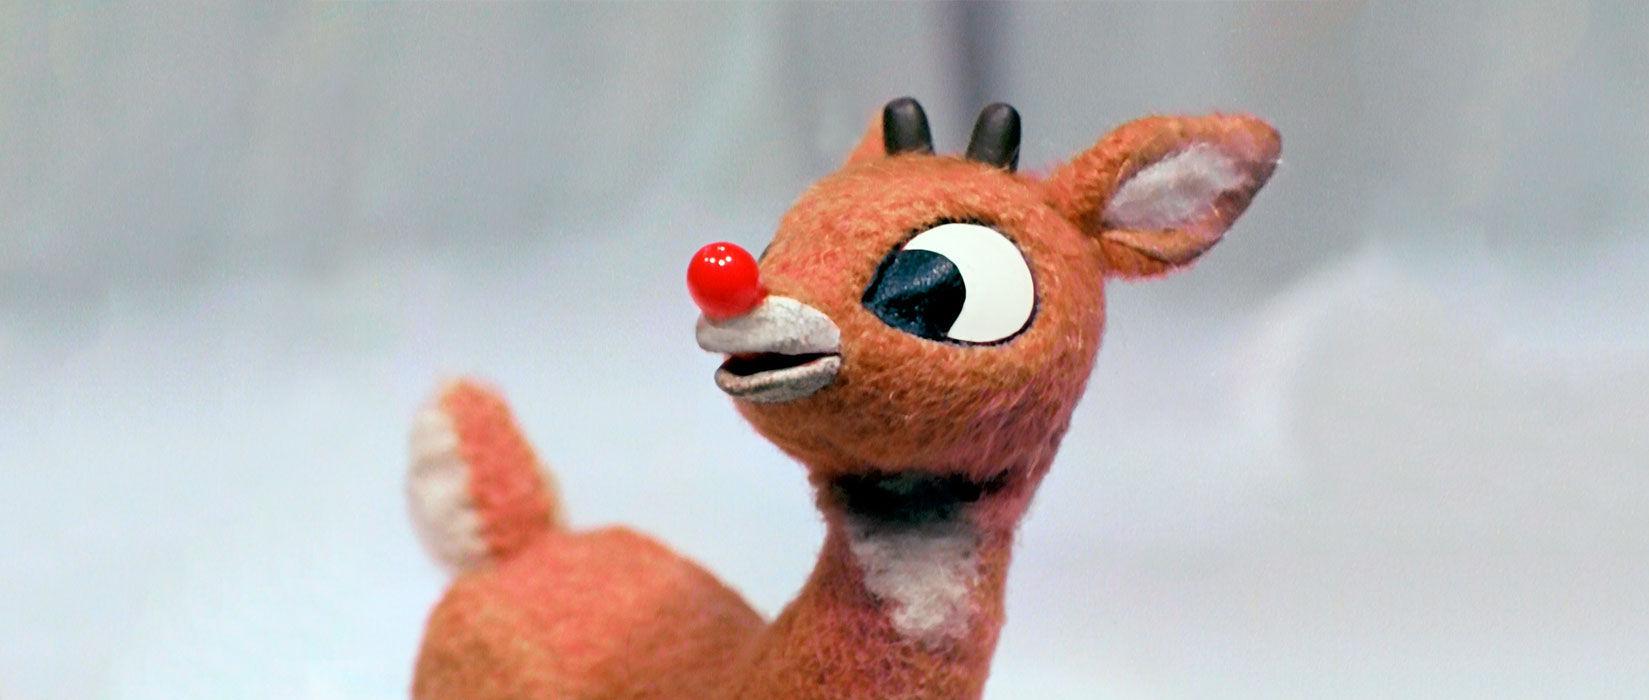 ¿Cuál es el secreto mejor guardado de Rudolph?